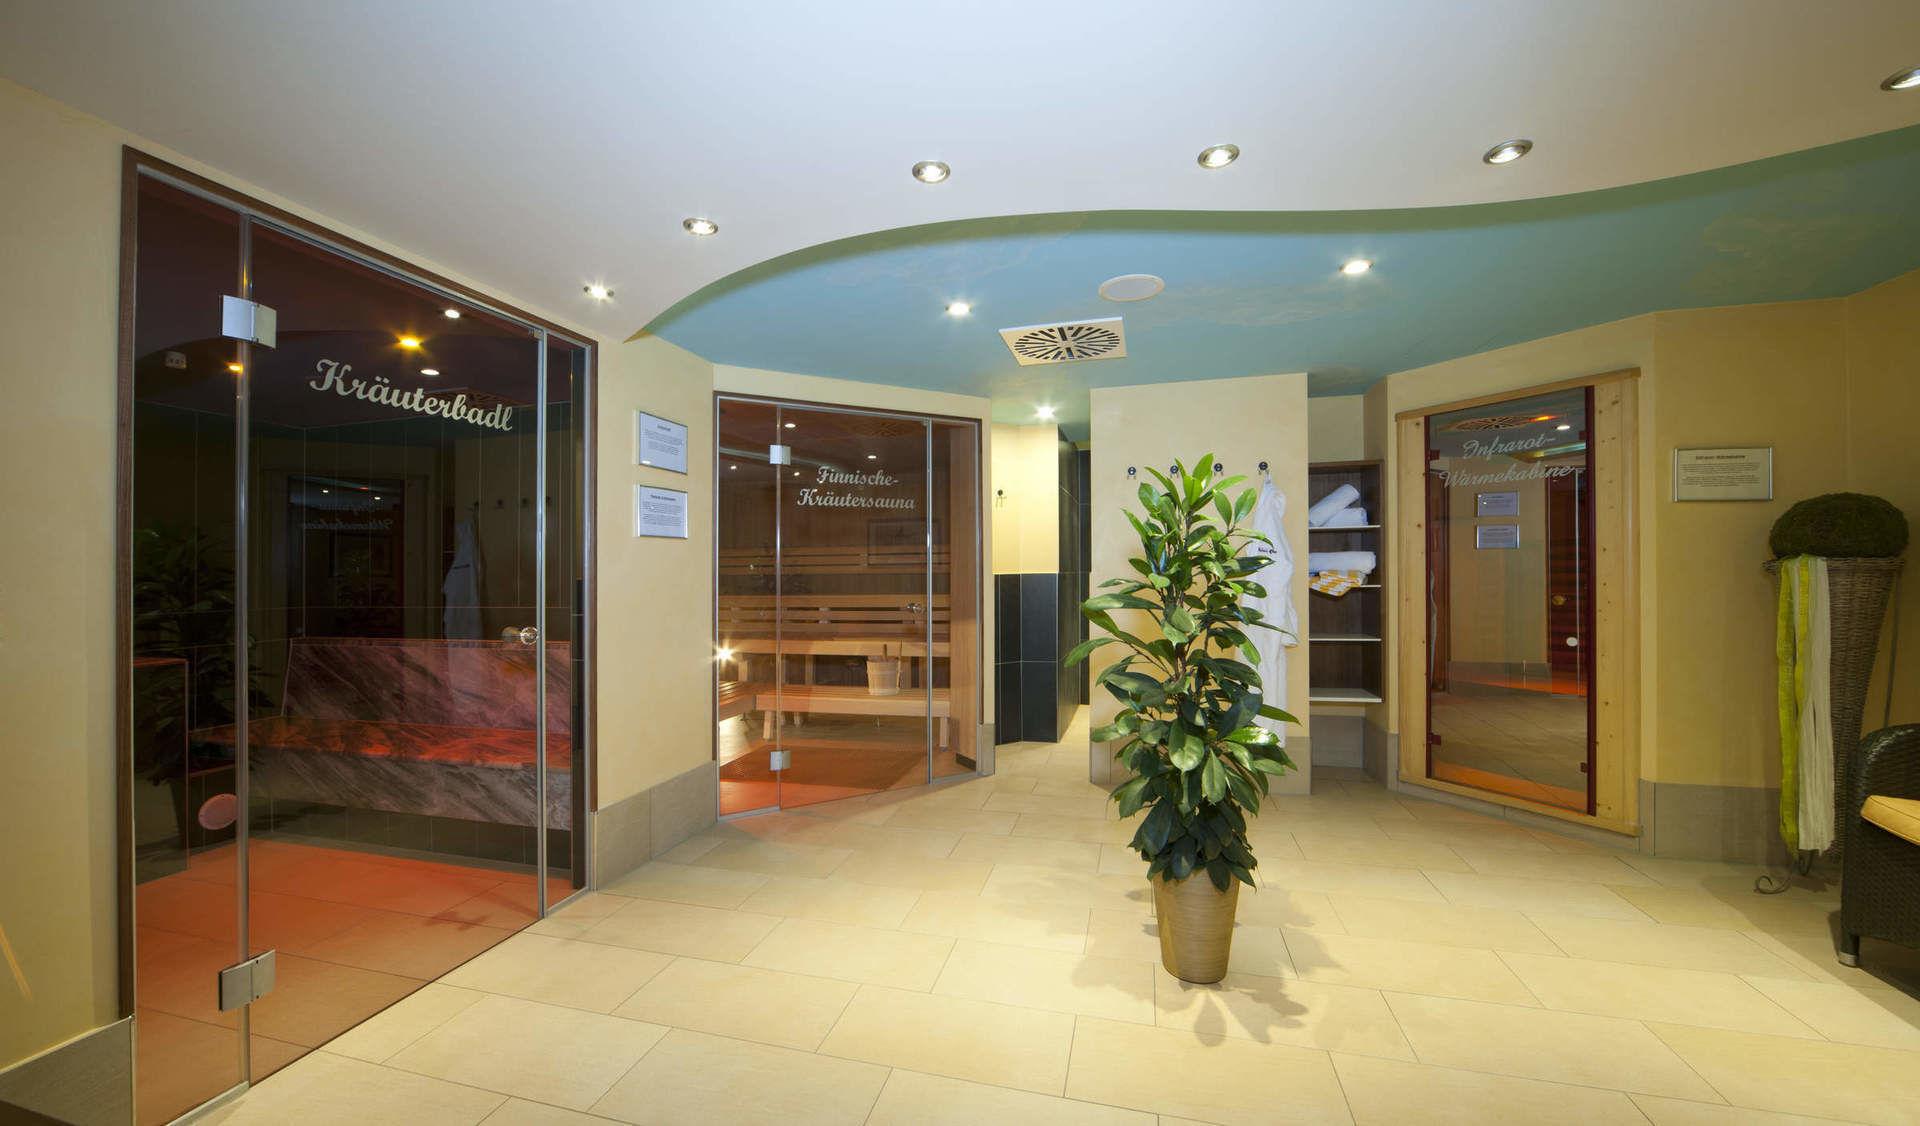 saunalandschaft hotel reinerhof wellnesshotel bayerischer wald st englmar. Black Bedroom Furniture Sets. Home Design Ideas